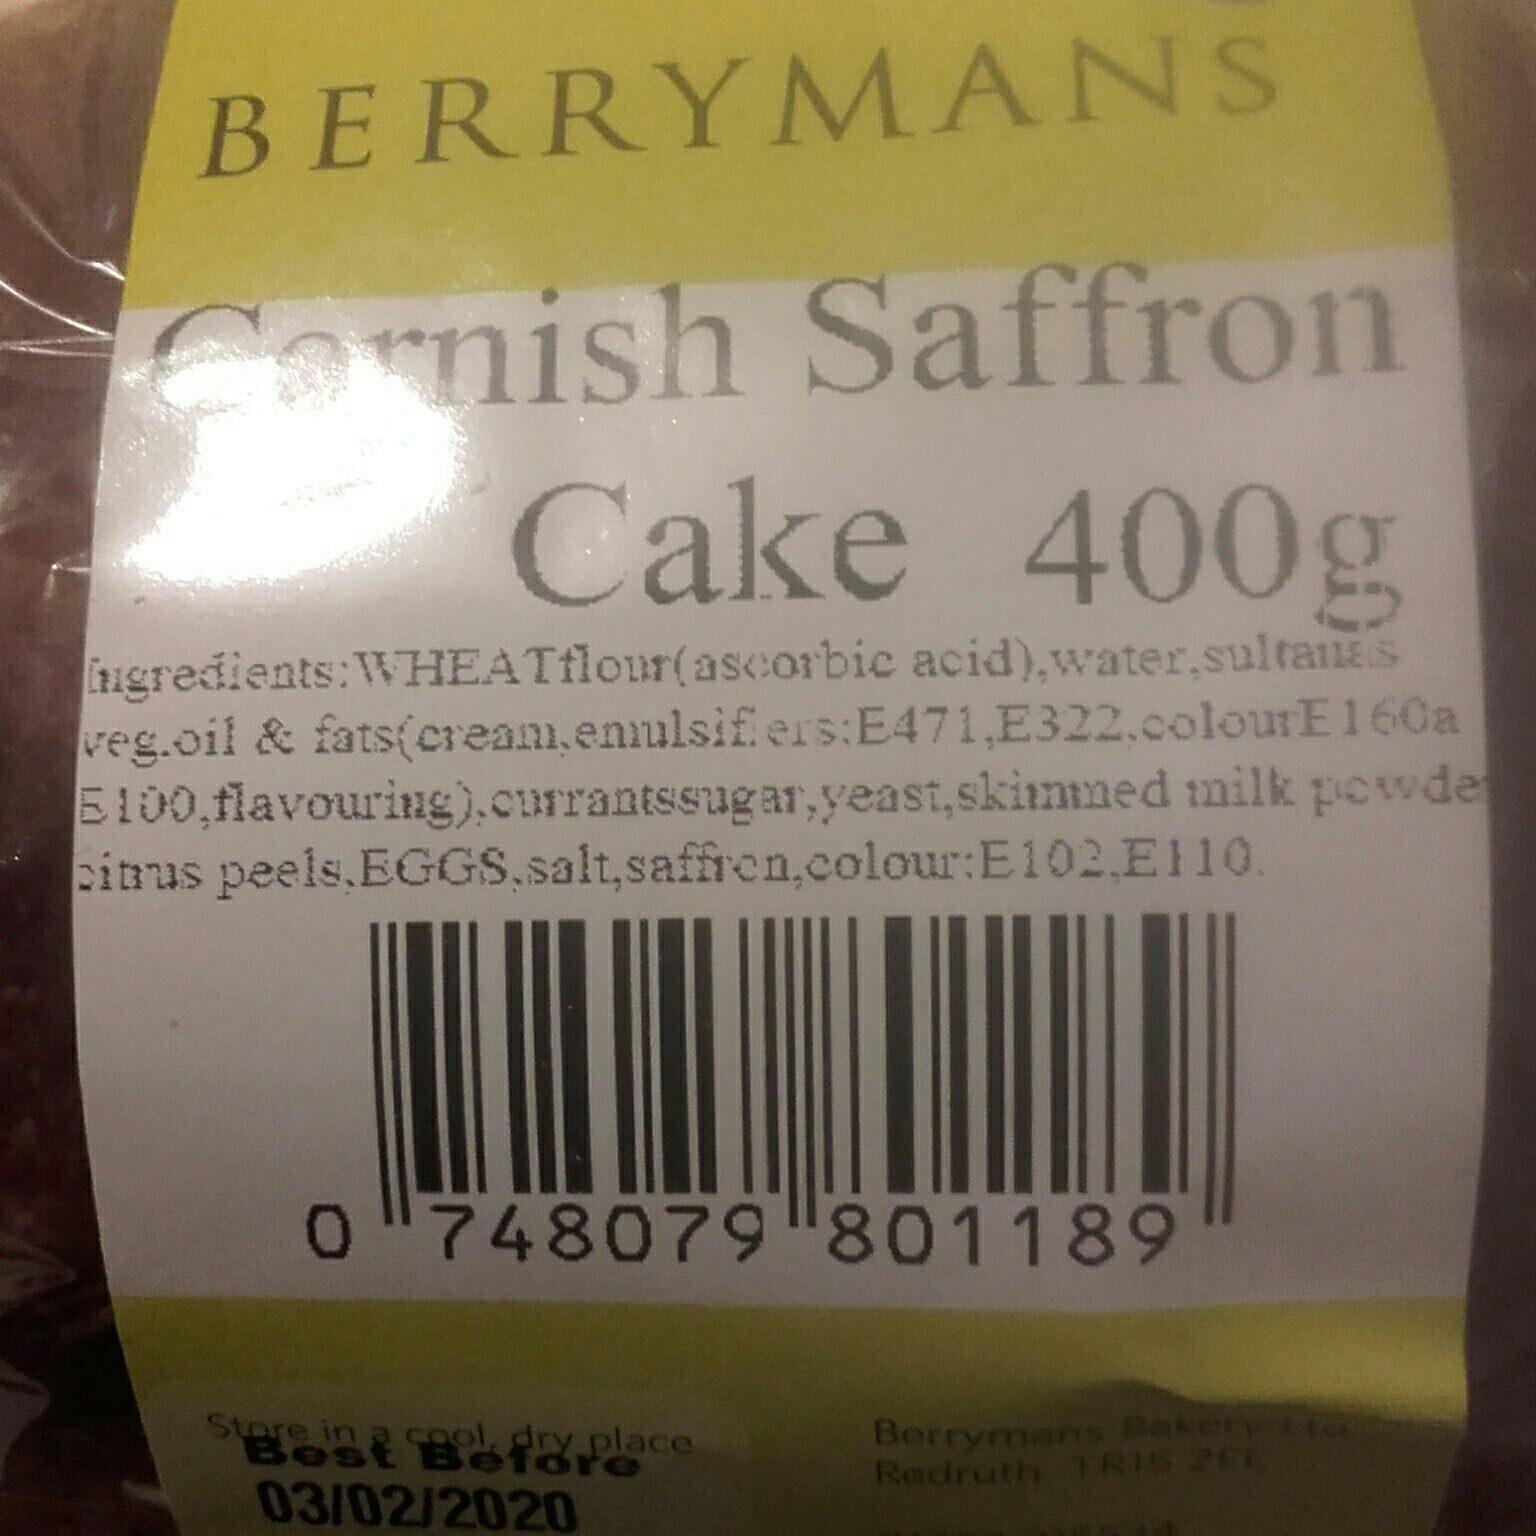 berrymans cornish saffron cake - Ingredients